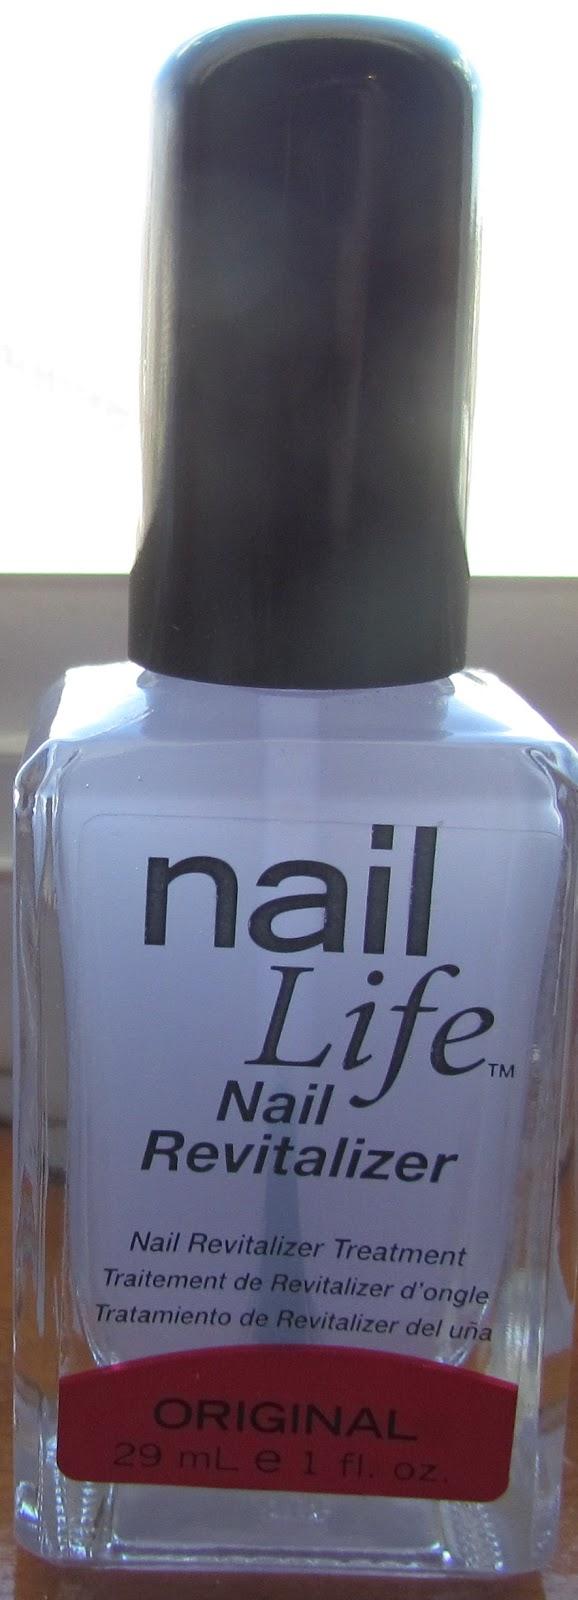 Karen Loves Nail Polish: Collection: New Nail Things!